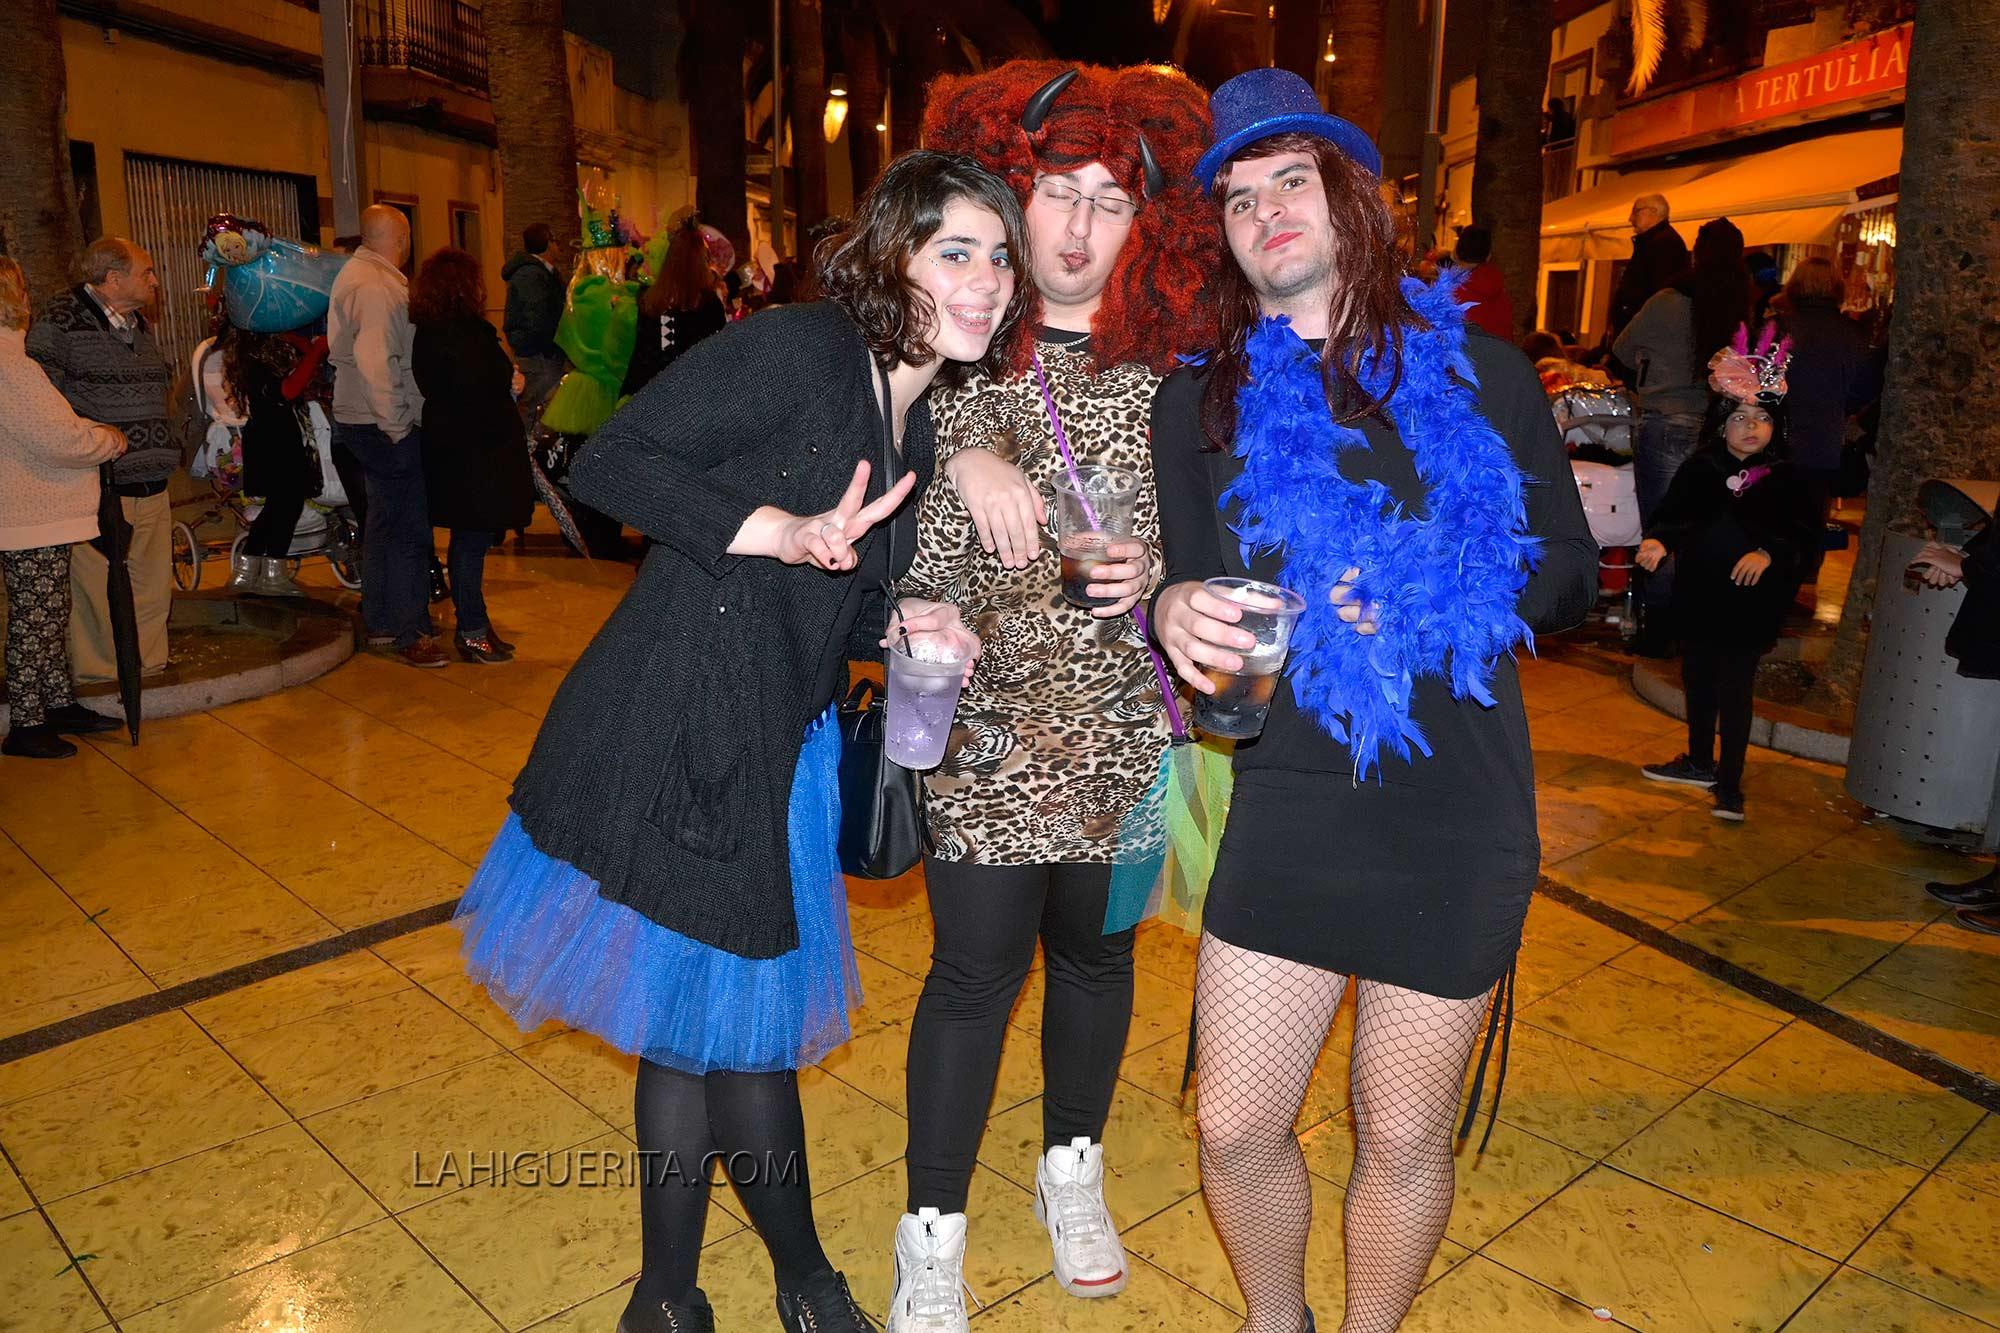 Entierro de la sardina carnaval isla cristina _DSC2126